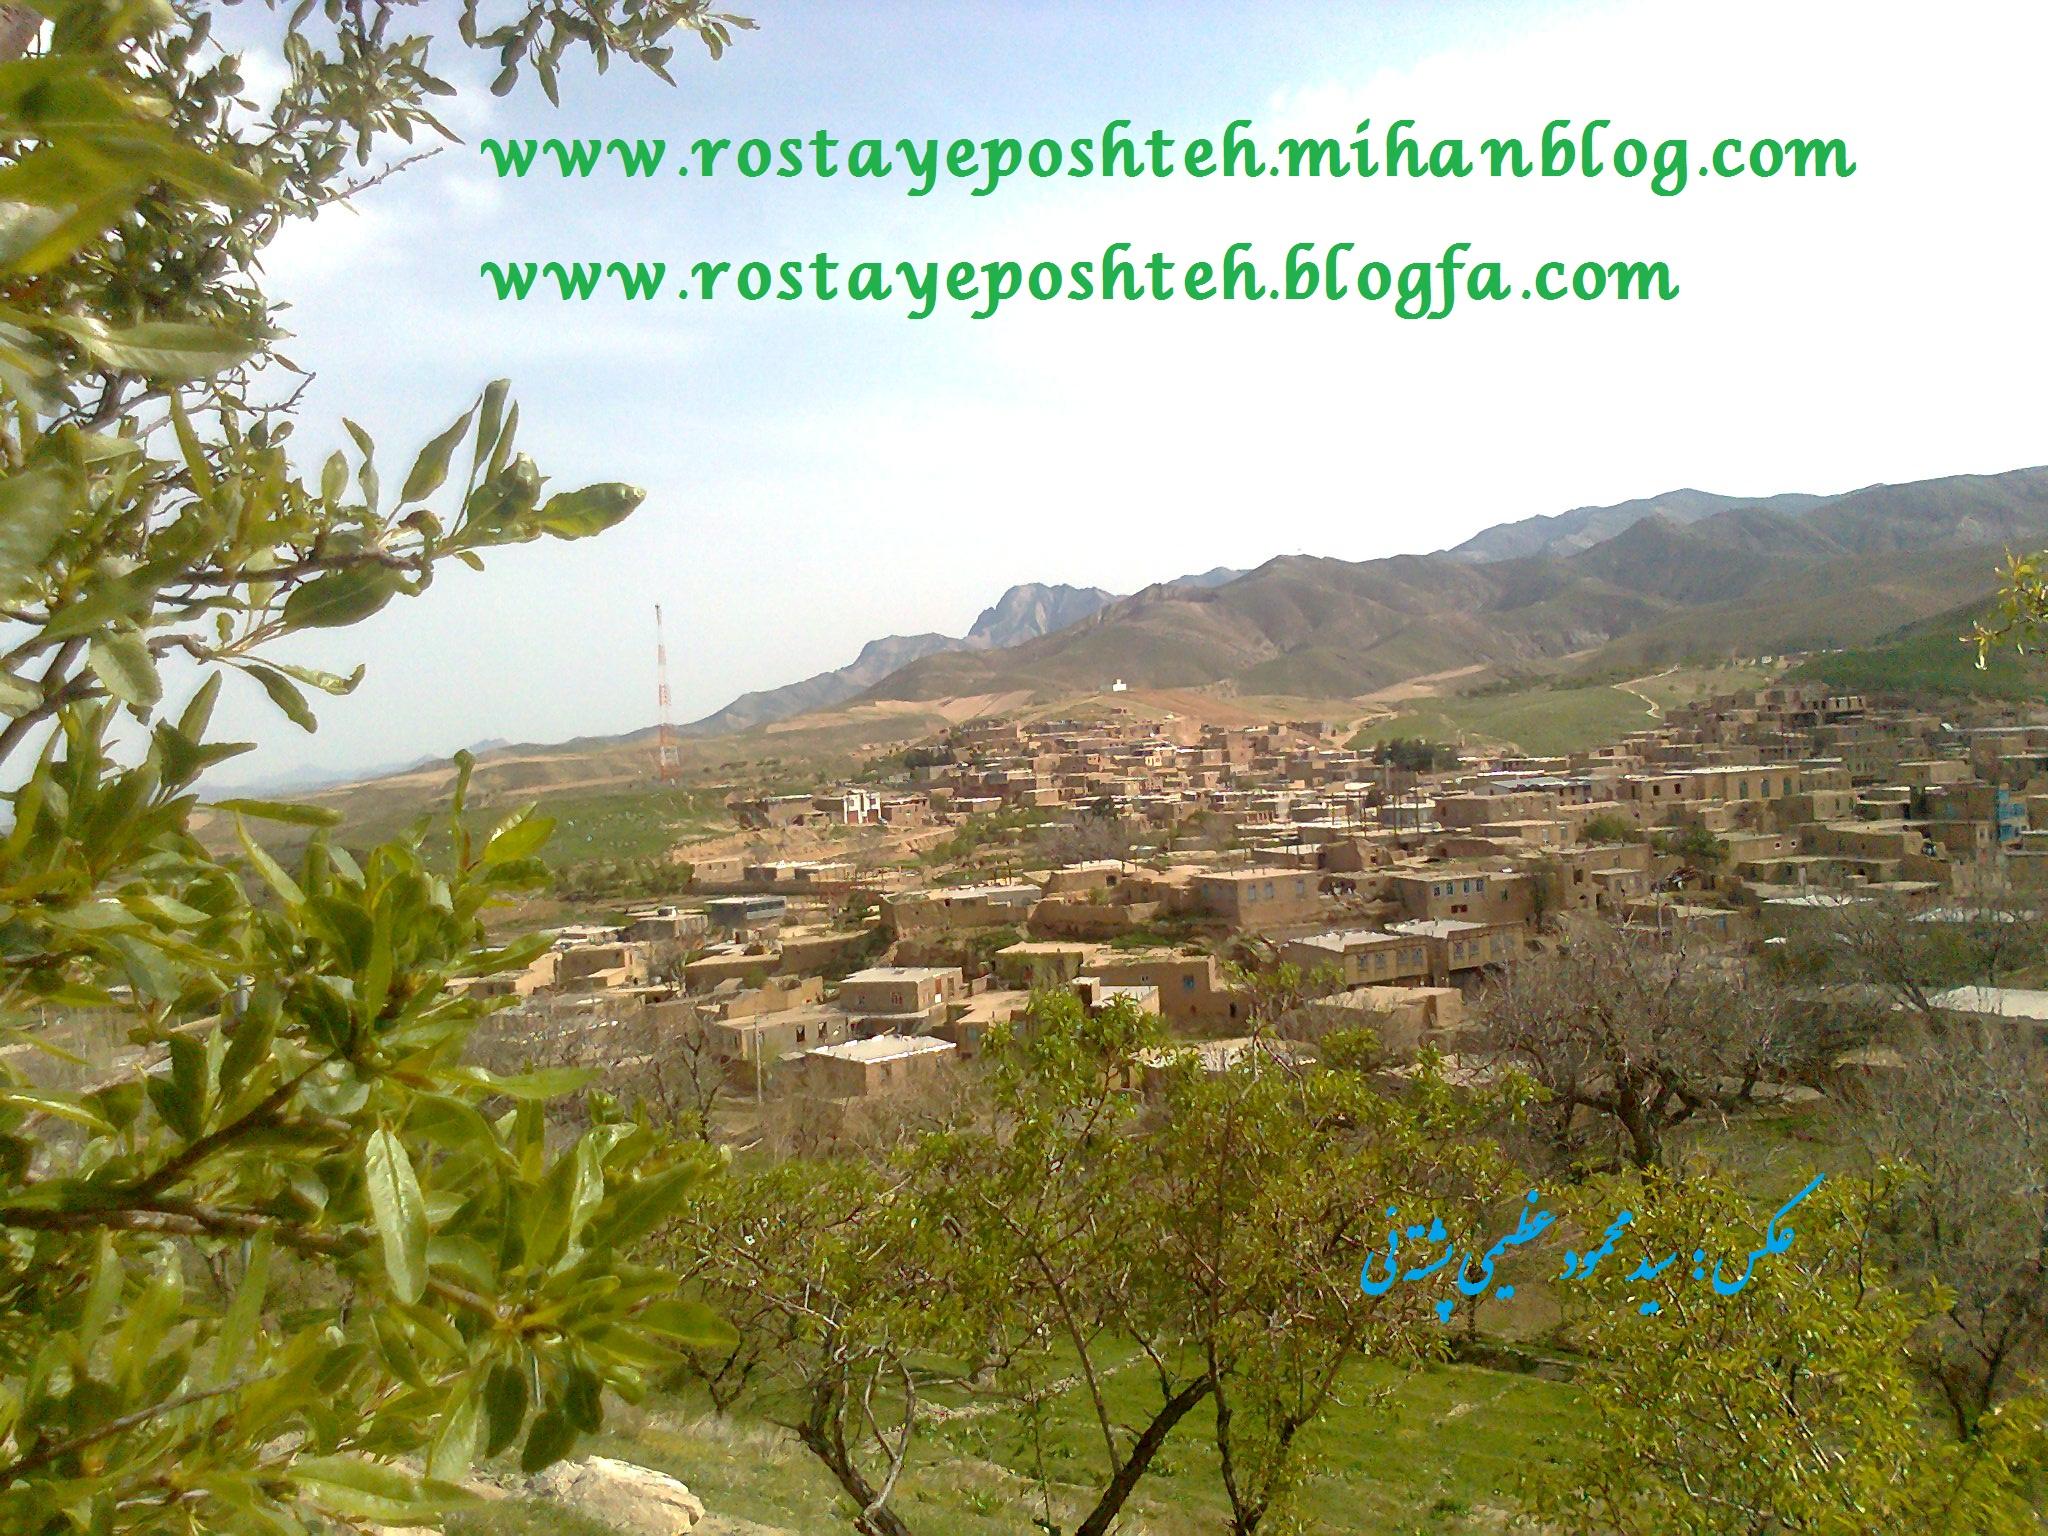 روستای پشته / تایباد / خراسان رضوی